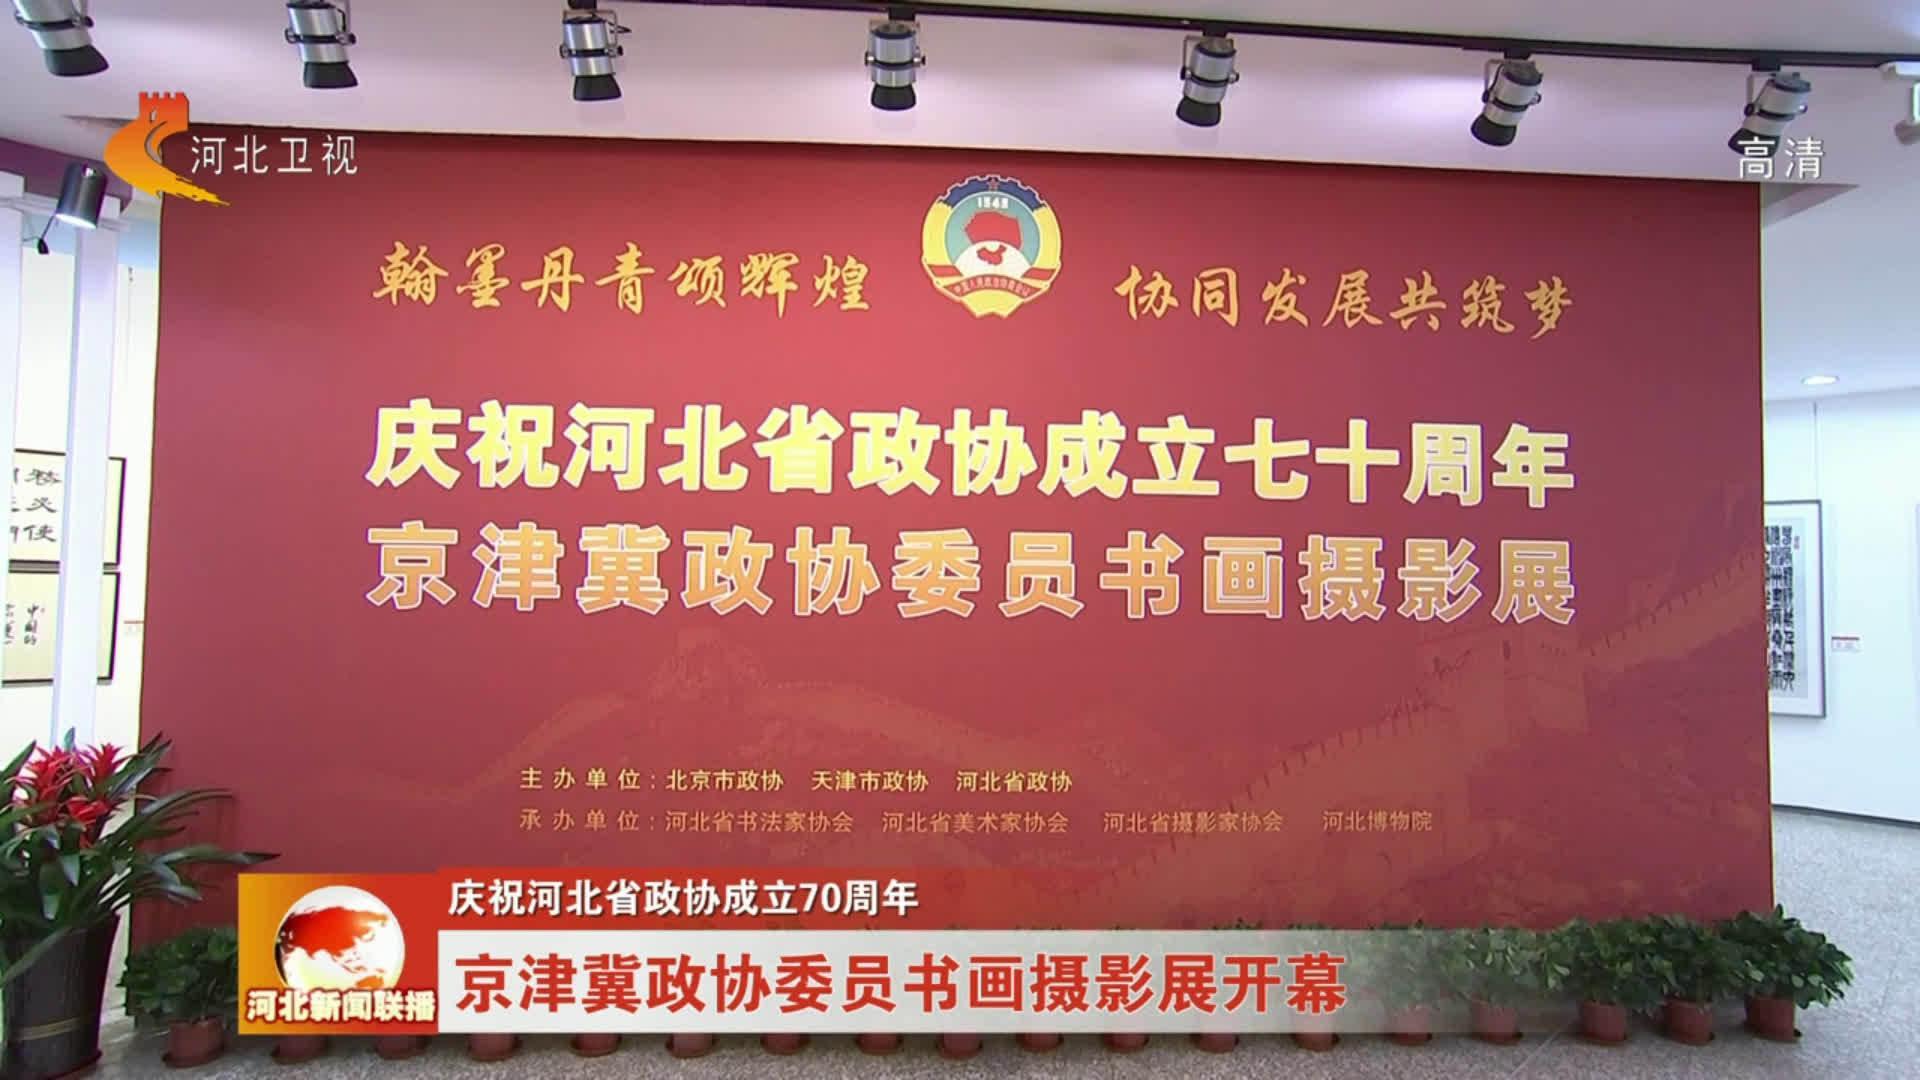 庆祝河北省政协成立70周年——京津冀政协委员书画摄影展开幕